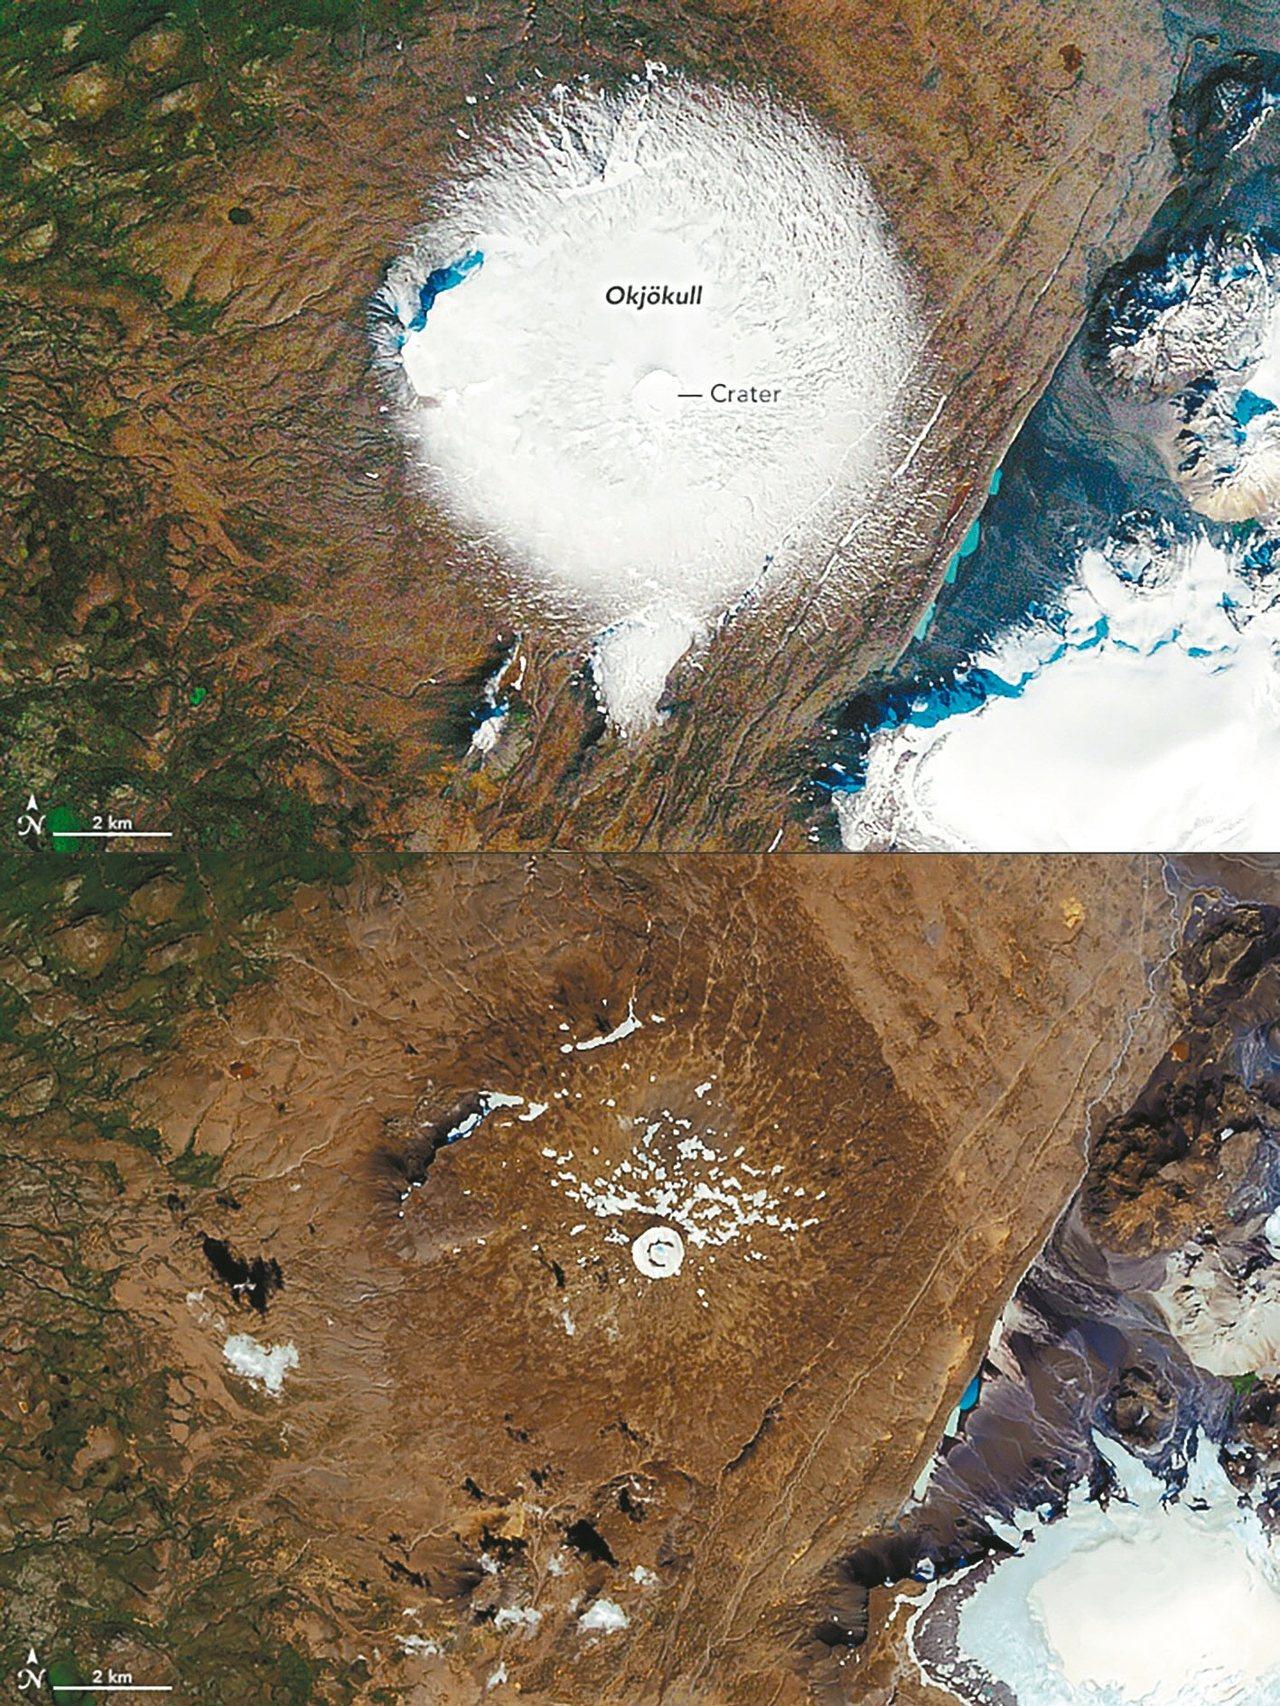 美國太空總署照片顯示,冰島Ok冰川一九八六年覆蓋大片面積(上),到今年只剩火山頂...